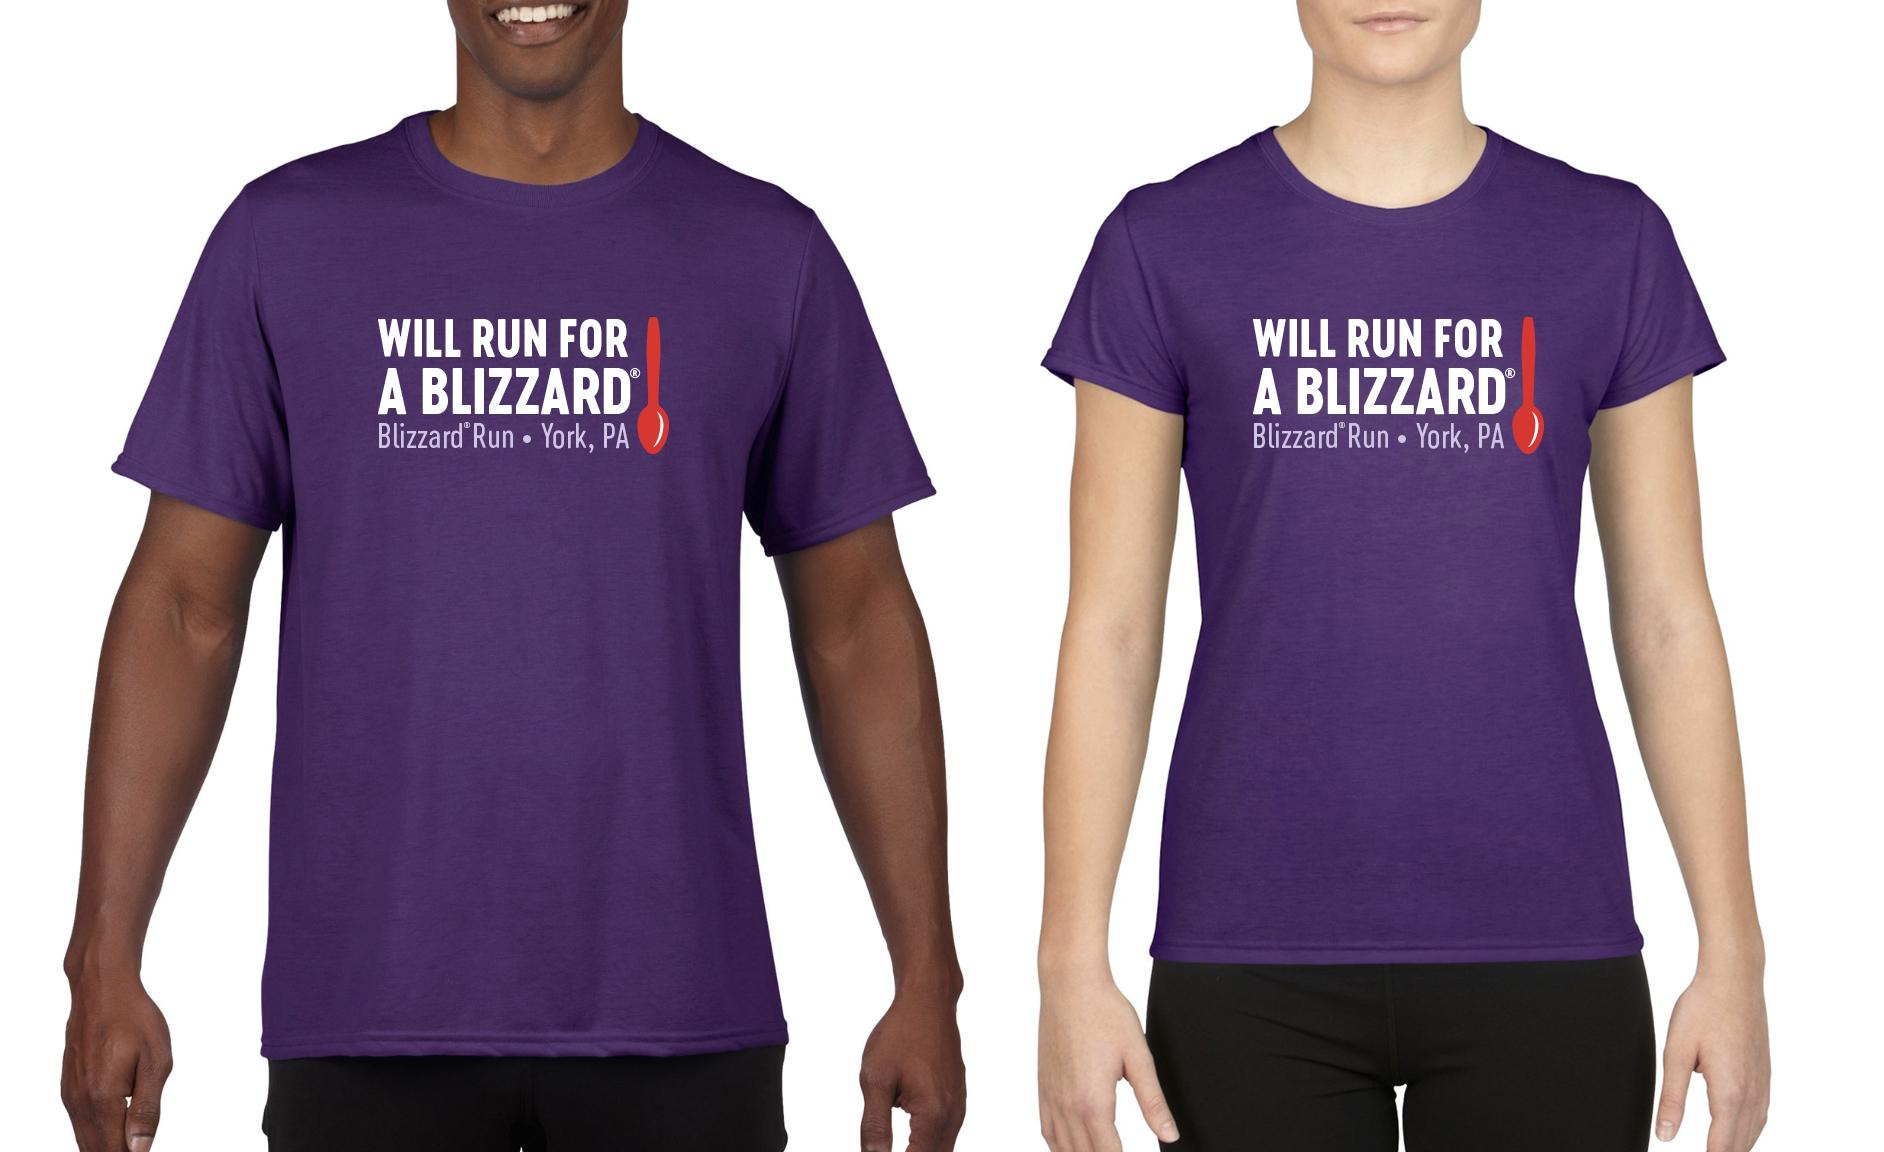 Official 2019 Blizzard Run Race Shirts!